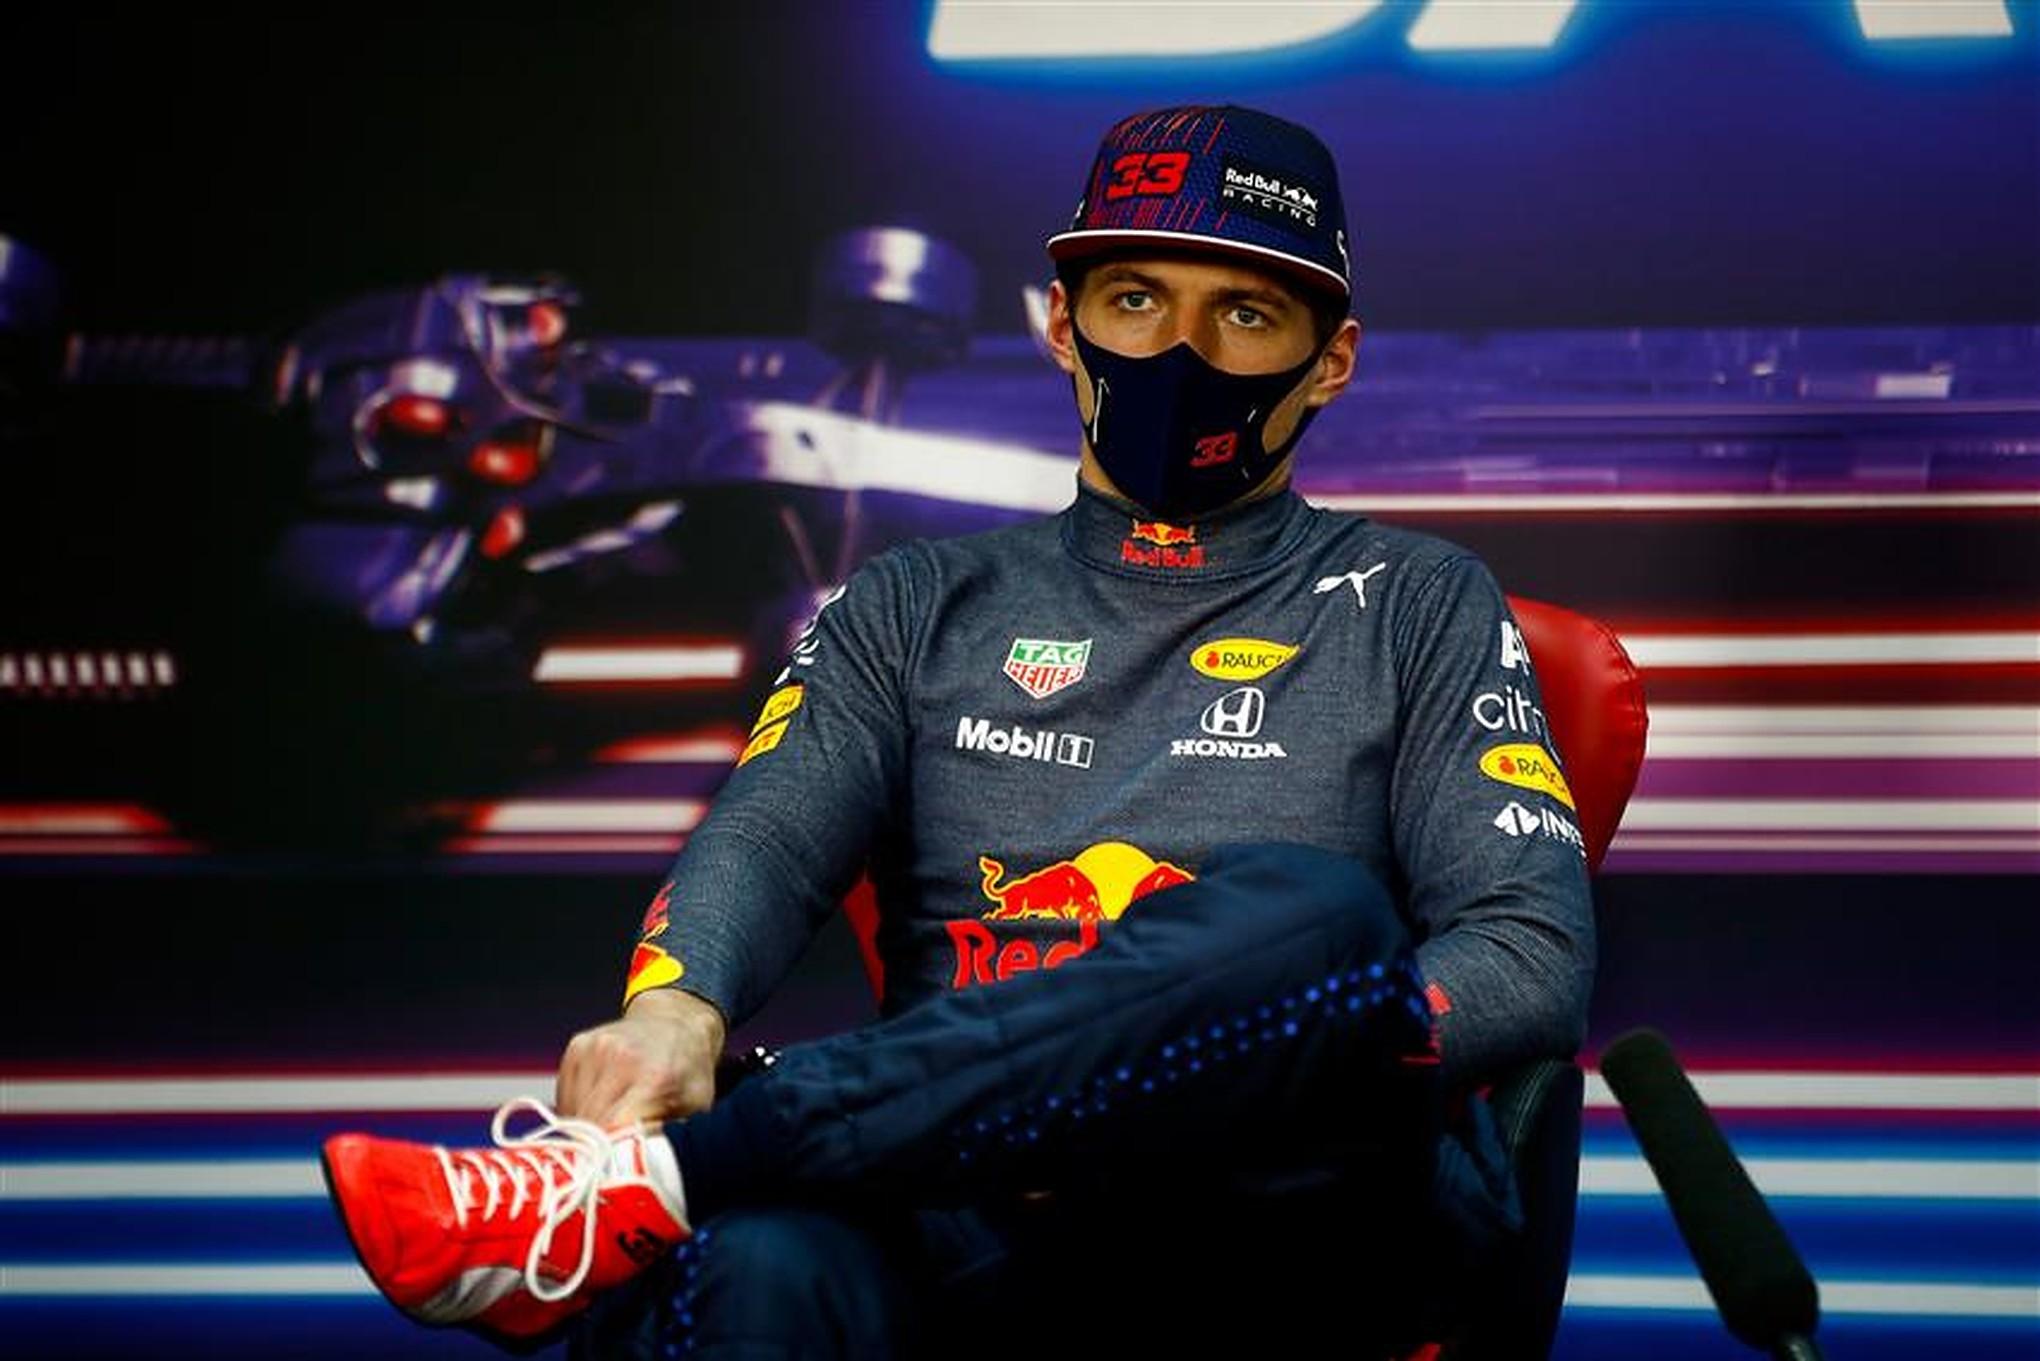 Max Verstappen in Bahrain 2021 - Formula1news.co.uk